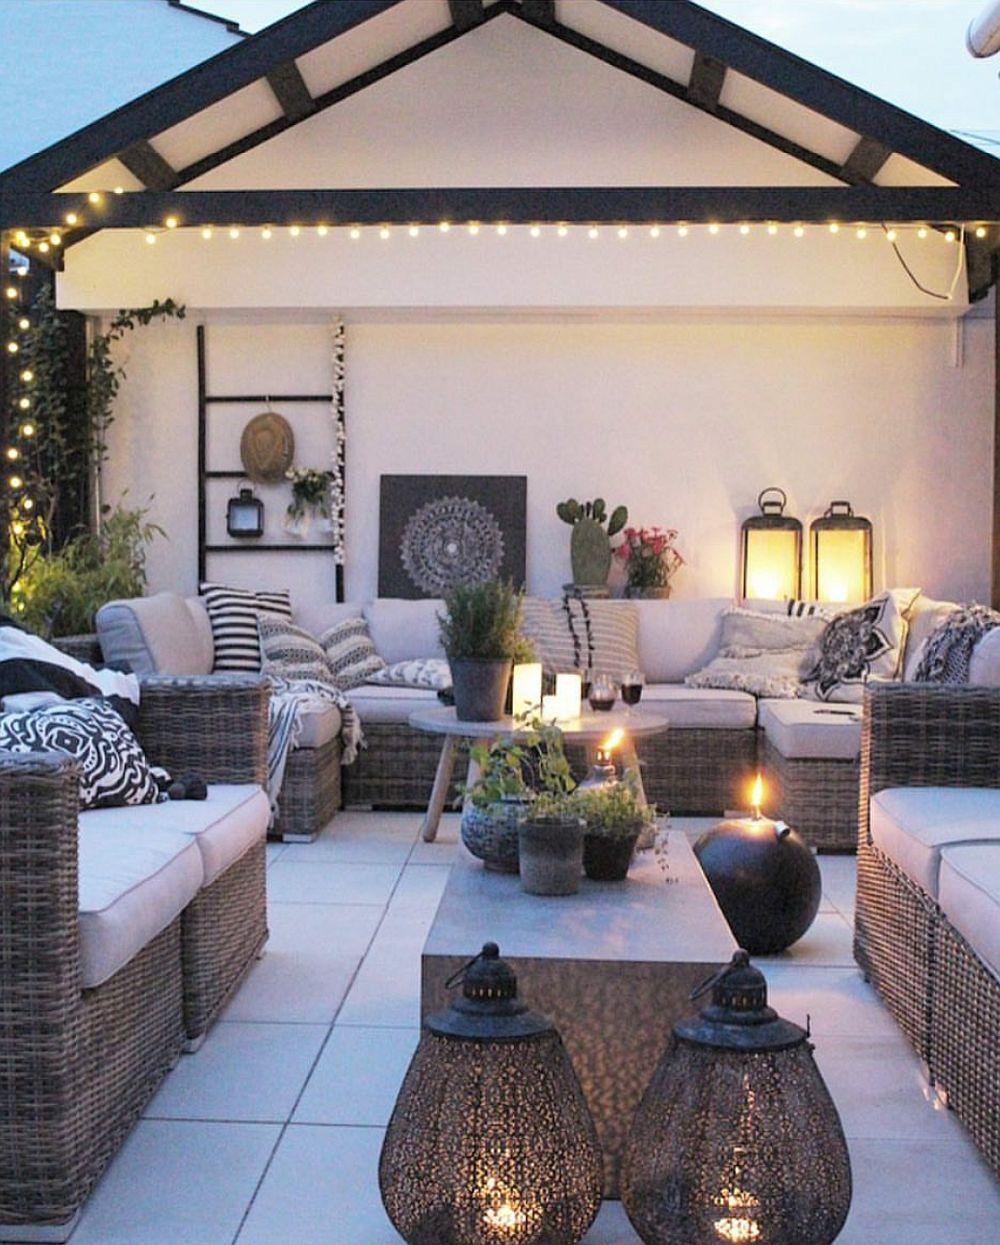 adelaparvu.com despre terasa in stil Nordic Boho, designer si foto Kristen Skovbon (29)